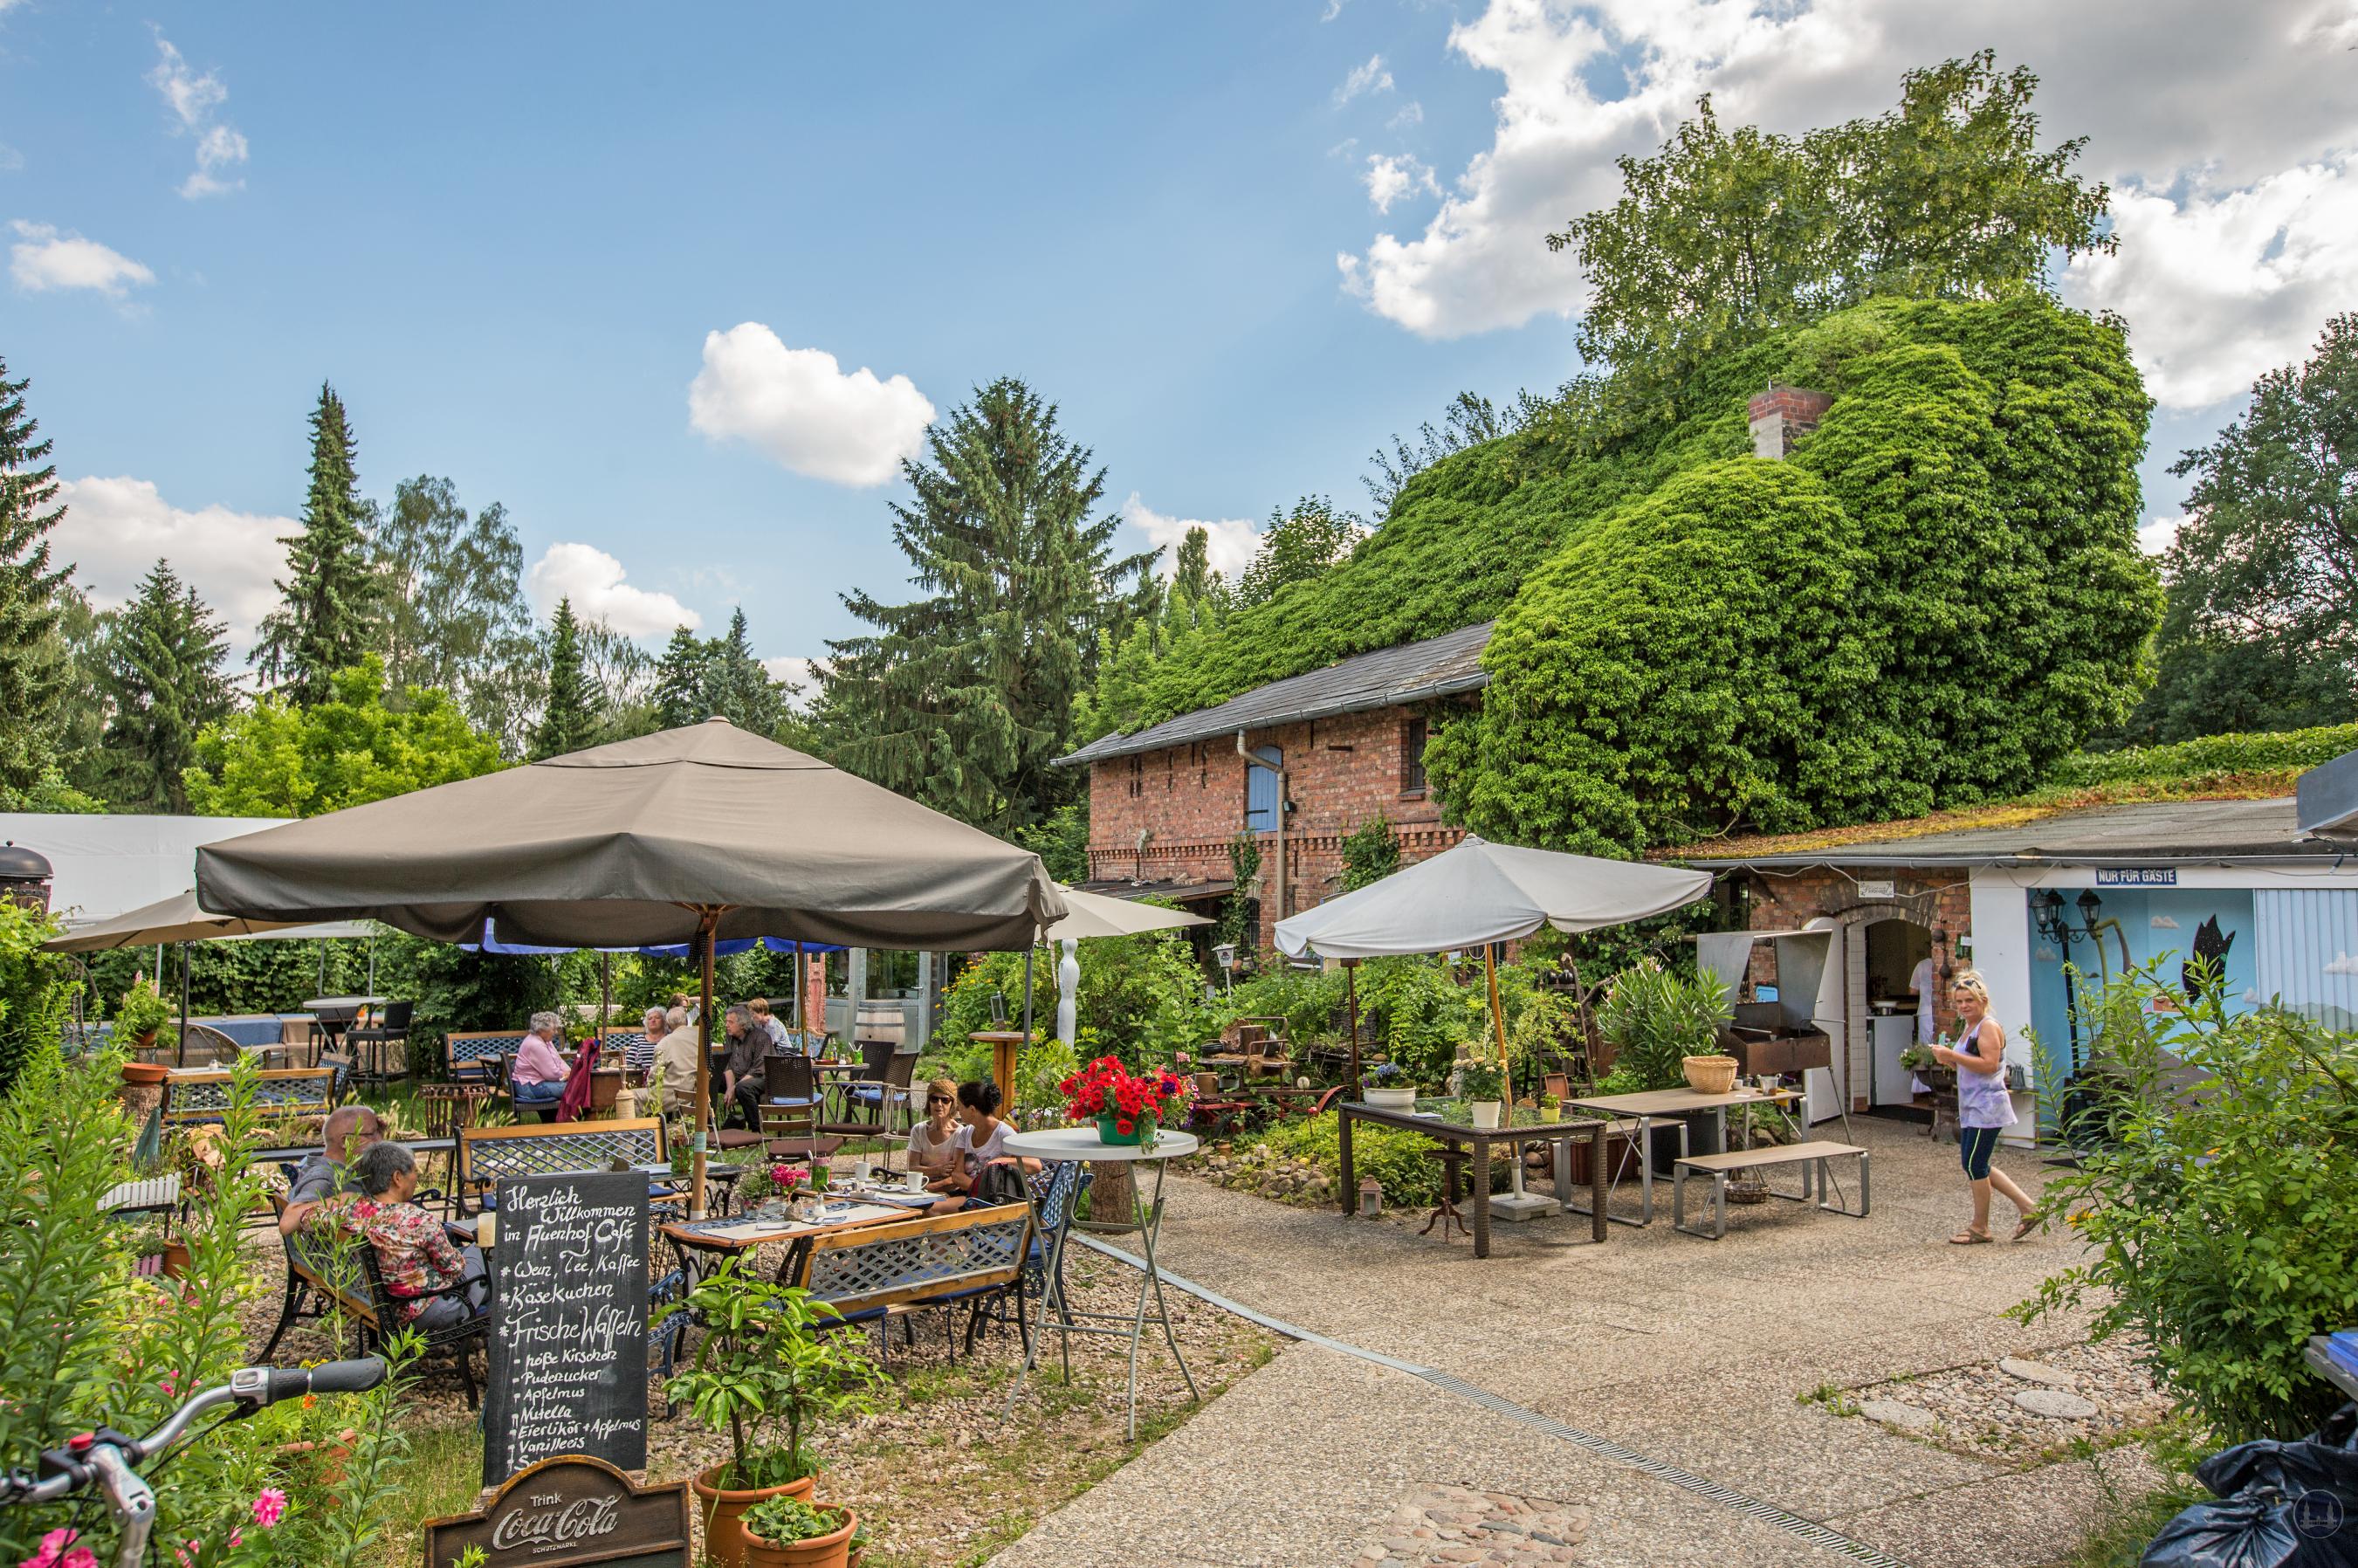 Café im Auenhof und die Kunstgalerie Aagaard im Berliner Stadtteil Hermsdorf. Der Garten mit Blick zum alten Stall.